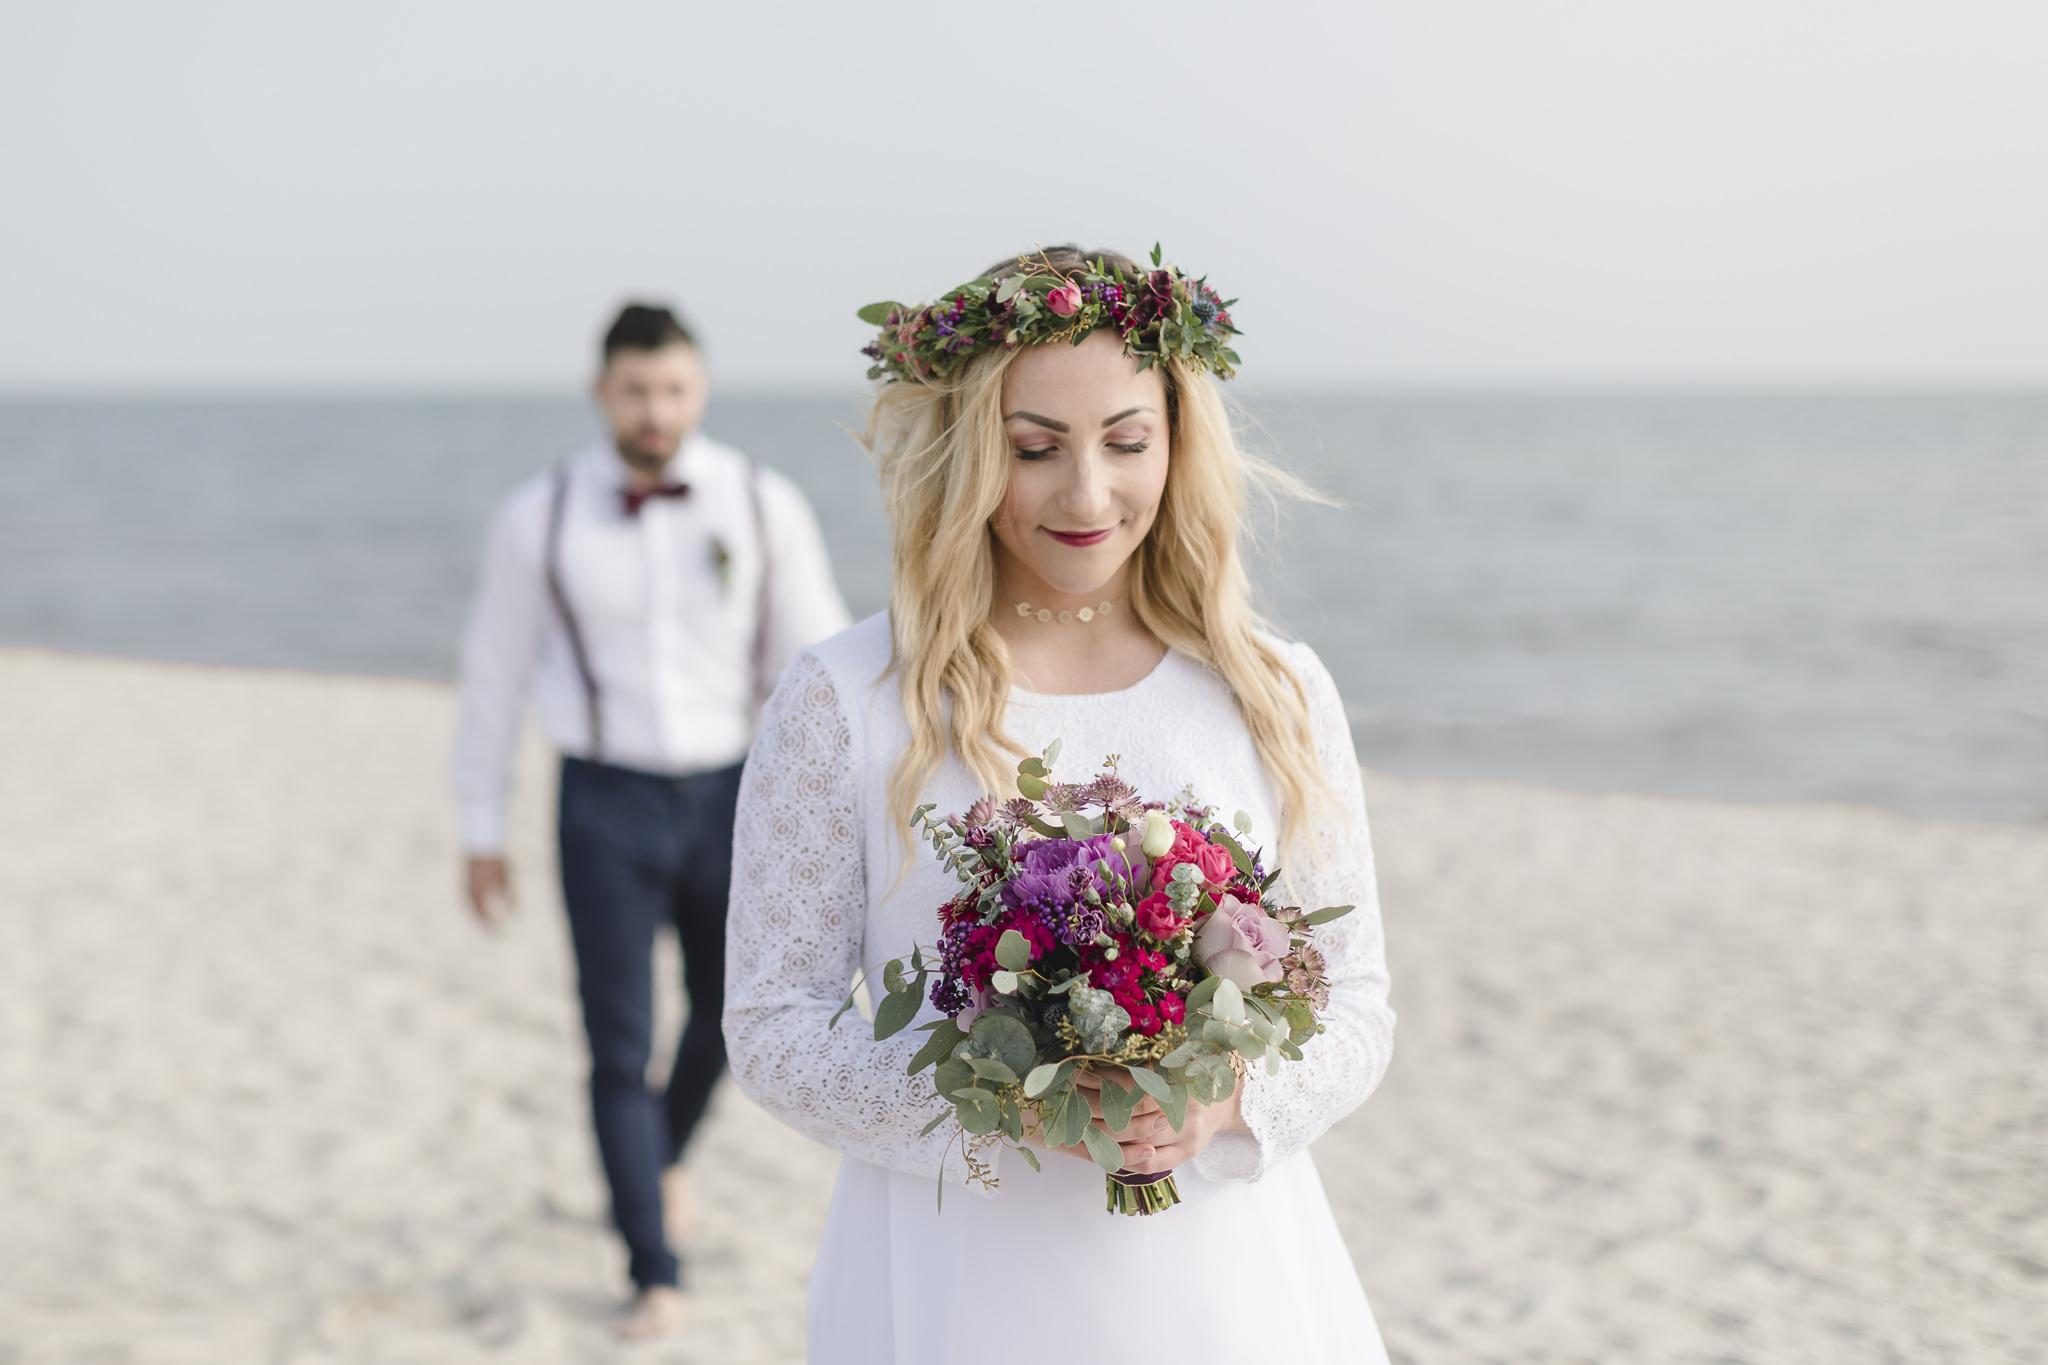 Strandhochzeit - Bräutigam geht beim First Look auf Braut zu